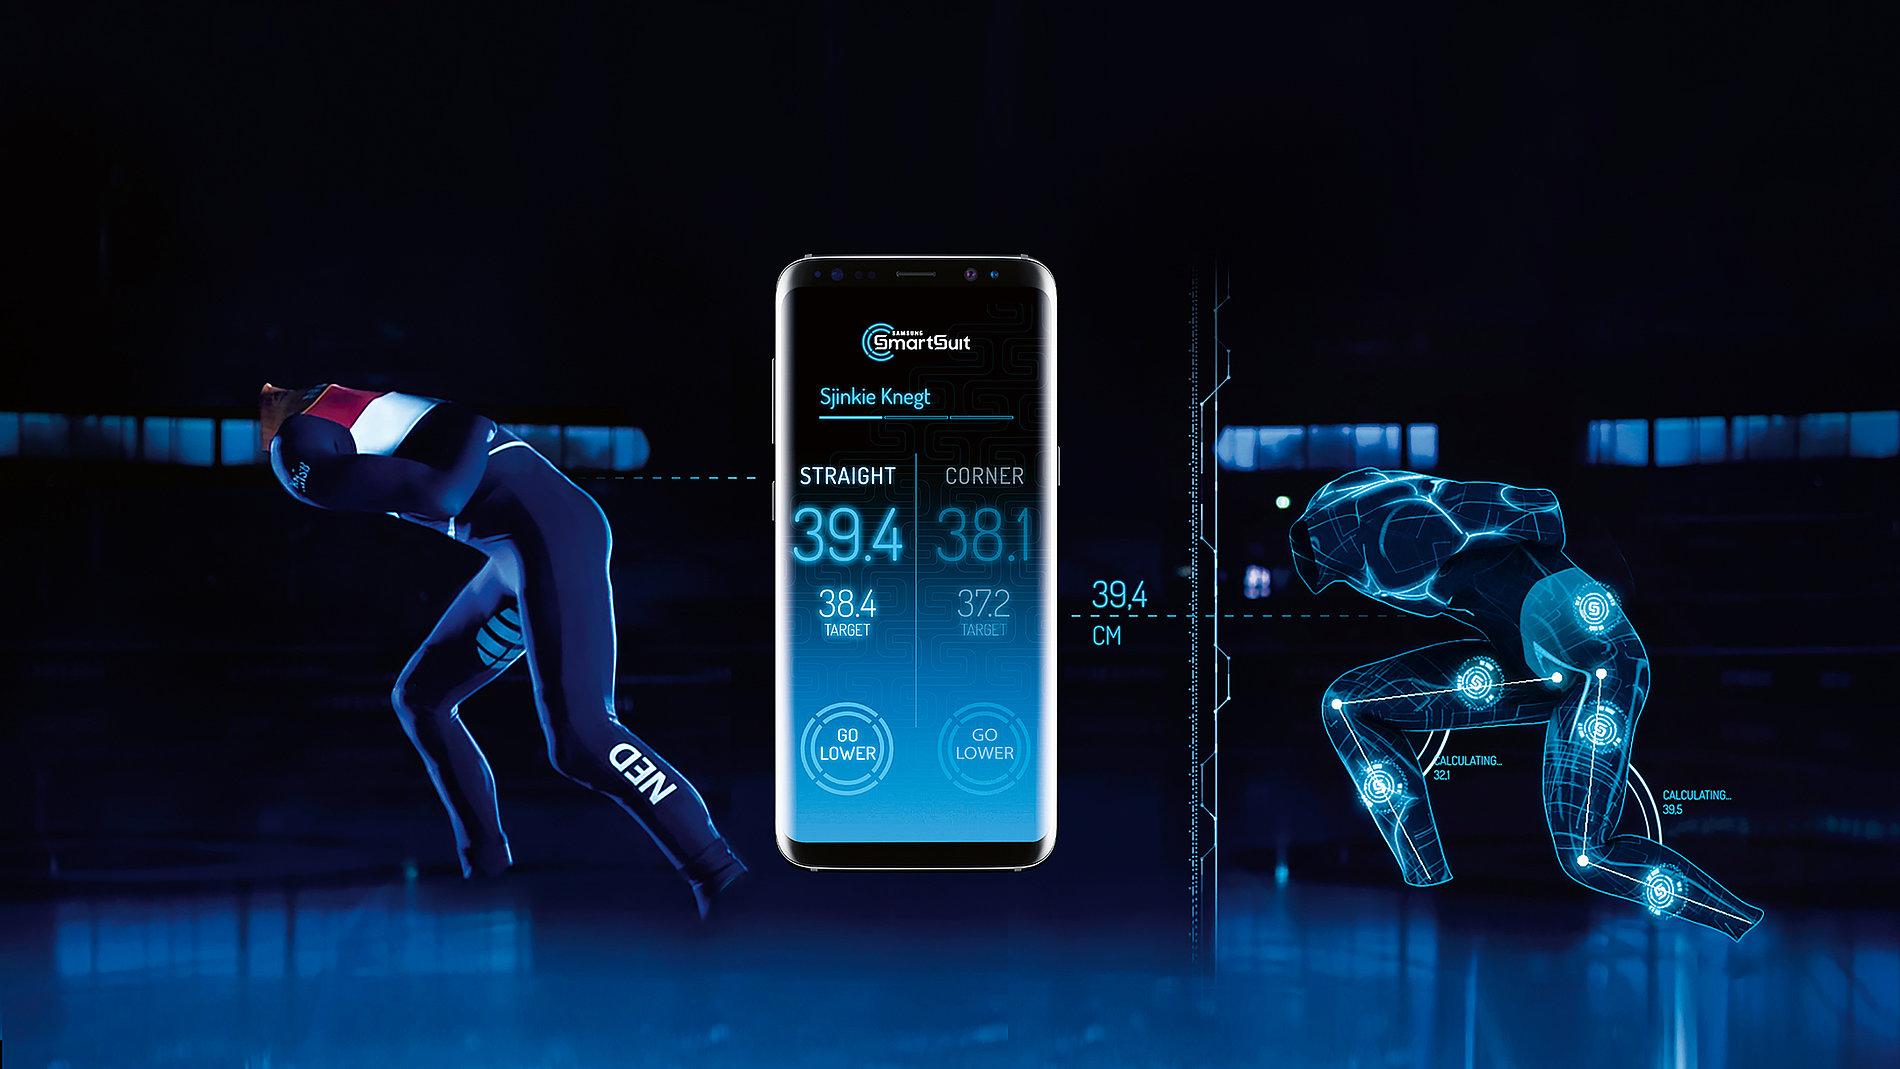 Samsung SmartSuit | Red Dot Design Award